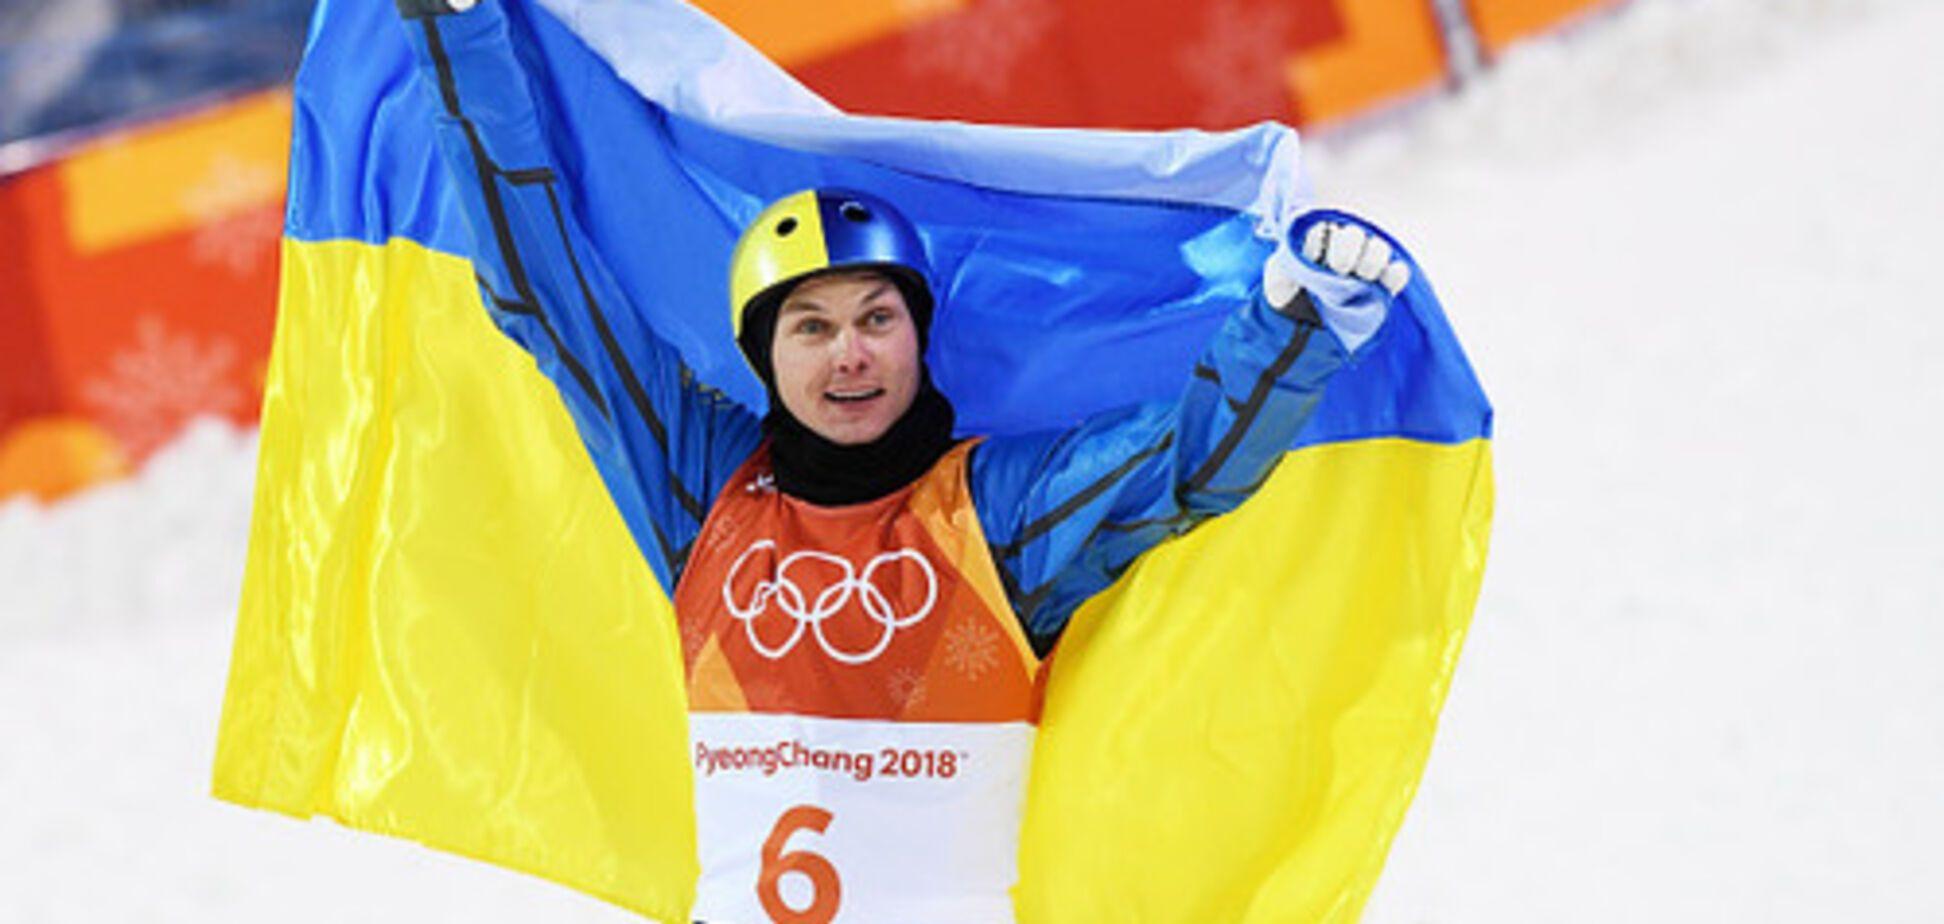 Мрія збулася: стало відомо, що отримав український олімпійський чемпіон за 'золото' Пхенчхана